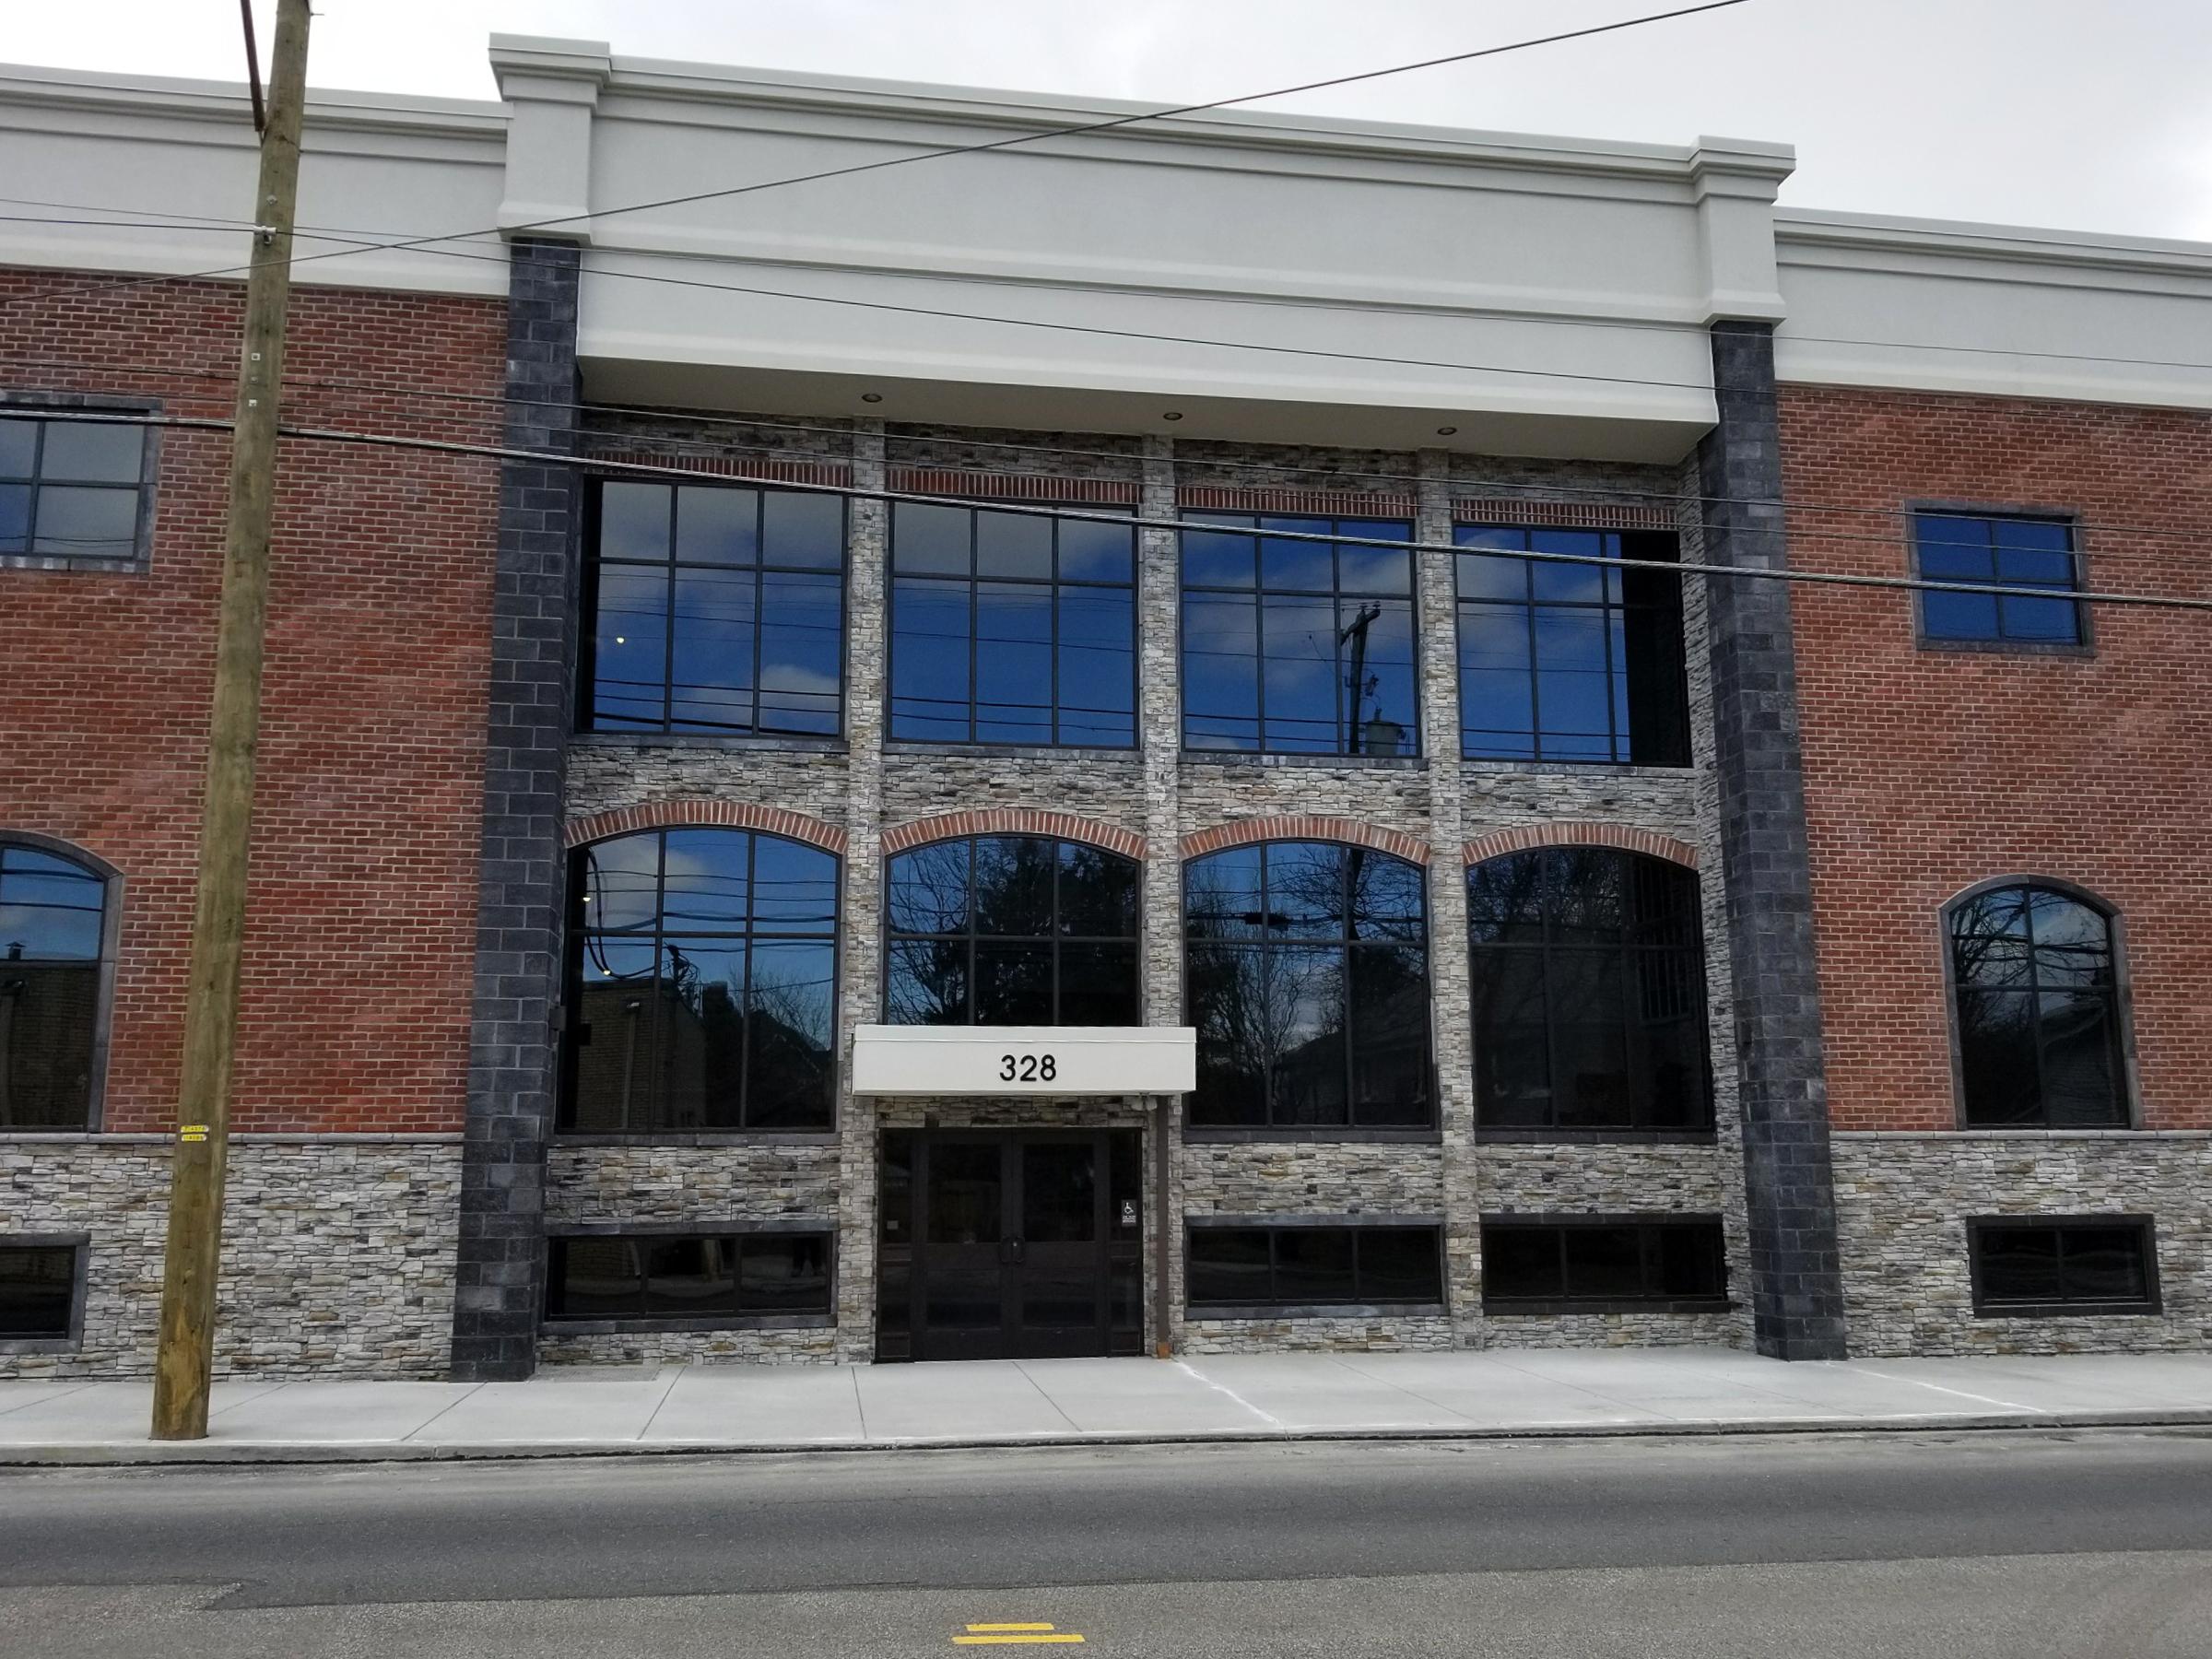 Historic Brick, Siota Block & Granite Drystack Lambris